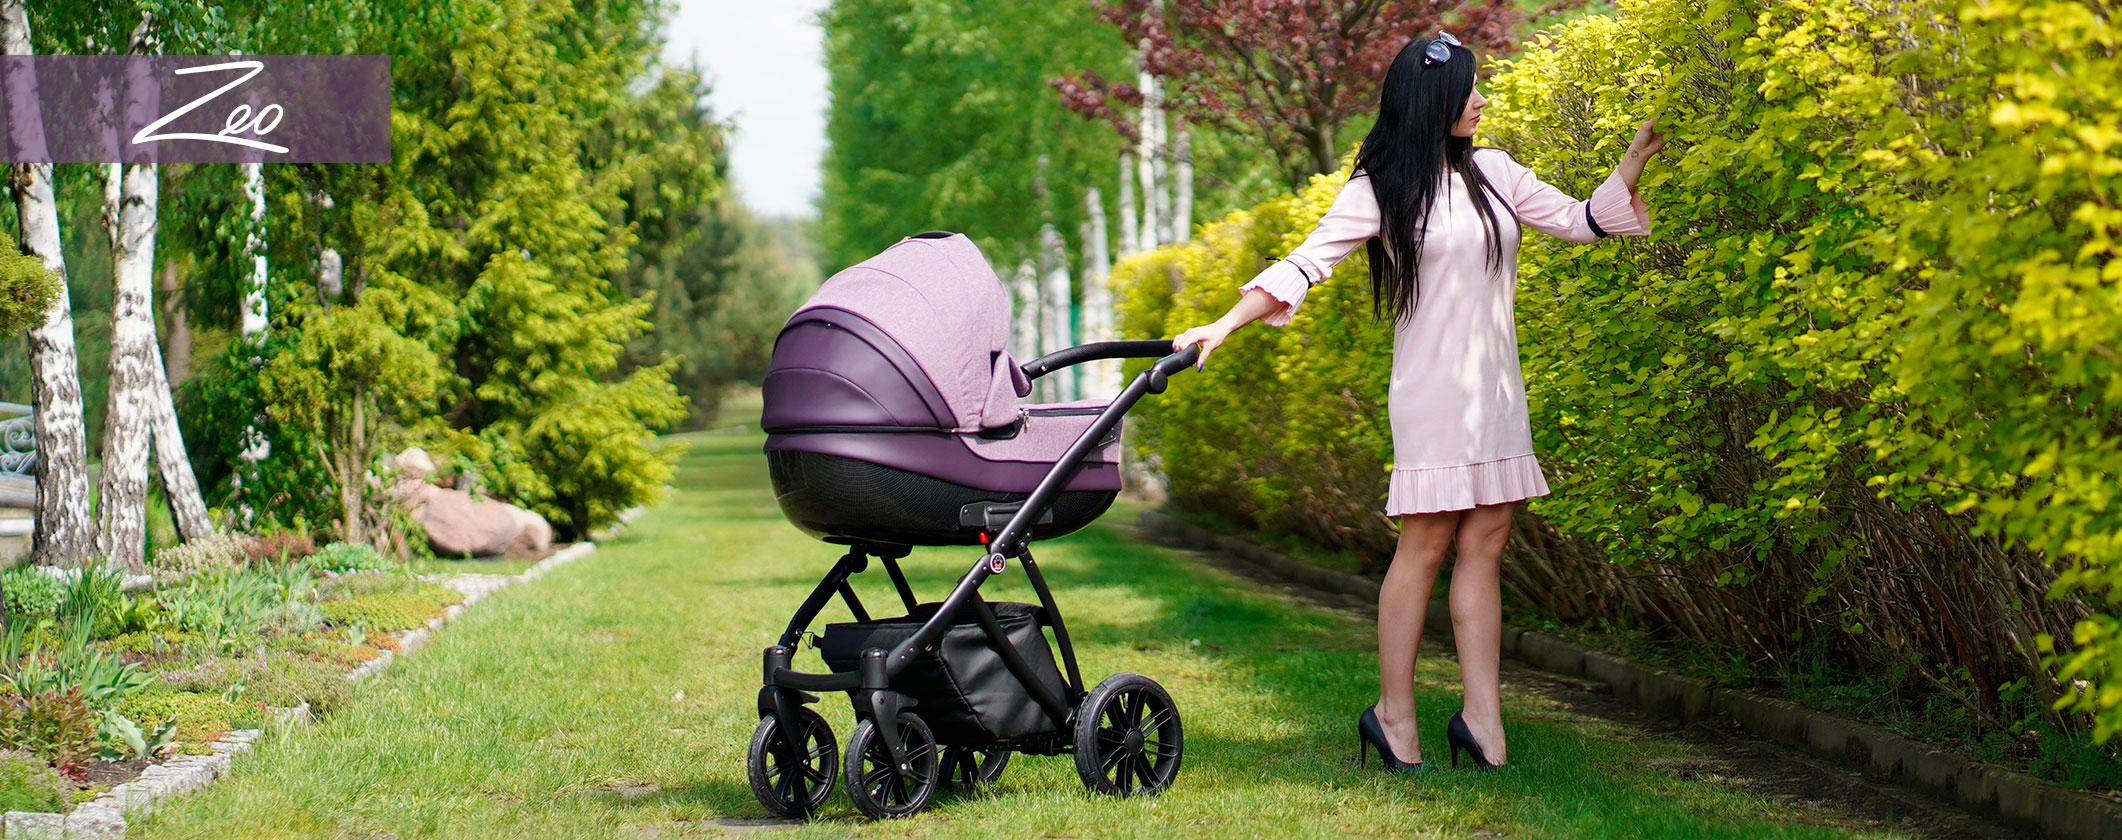 Camarelo wózek dziecięcy wielofunkcyjny zeo